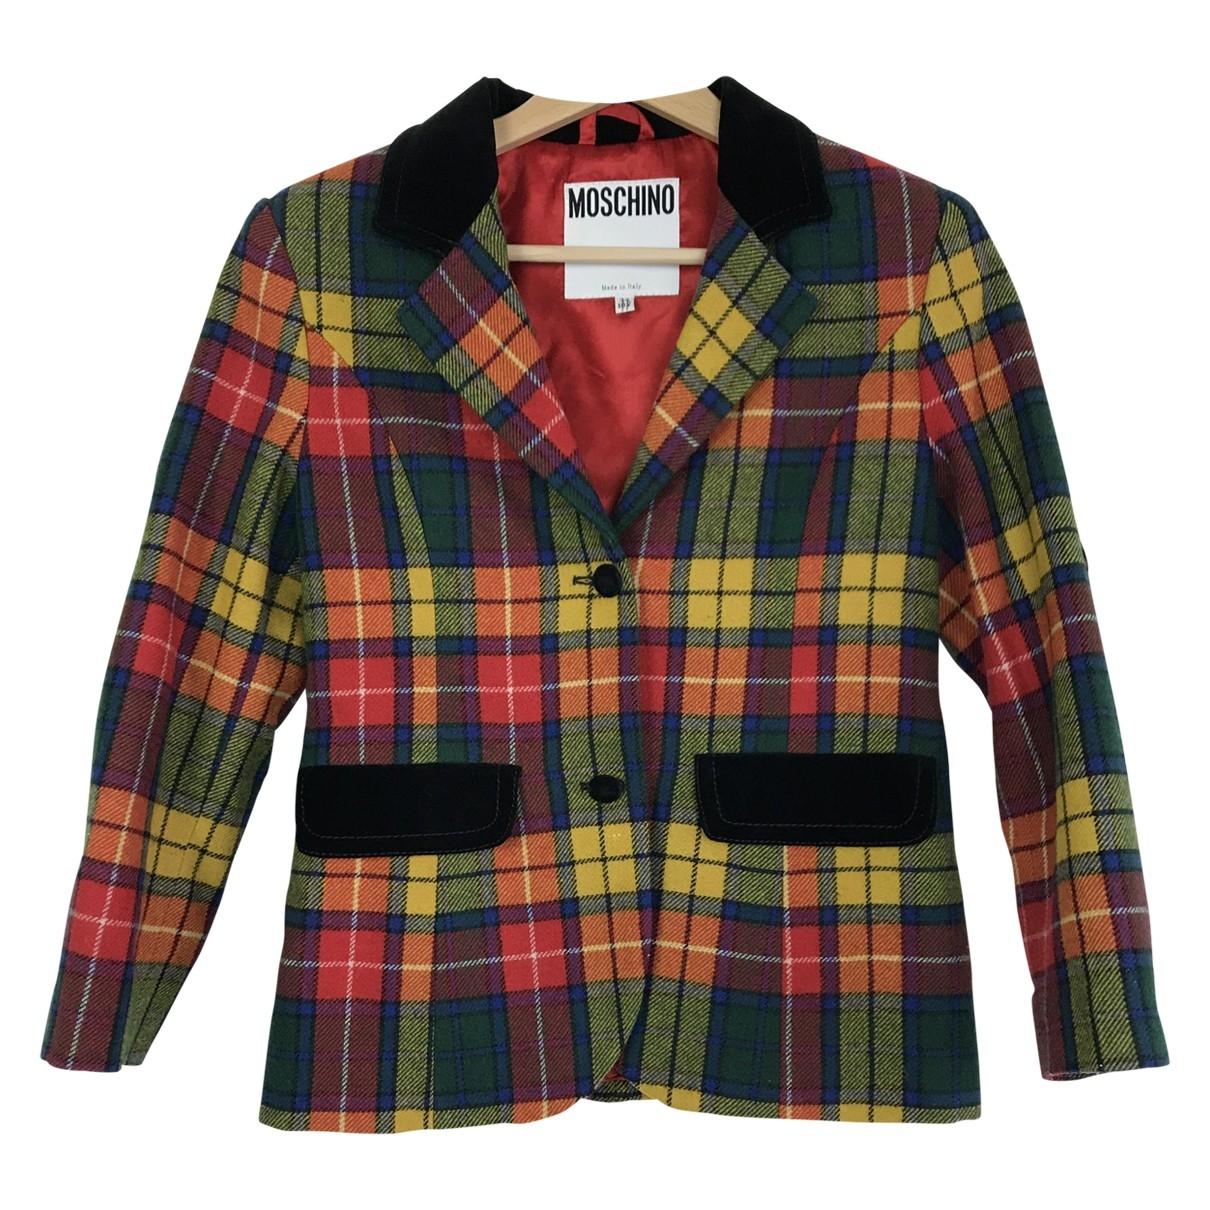 Moschino - Blousons.Manteaux   pour enfant en laine - multicolore